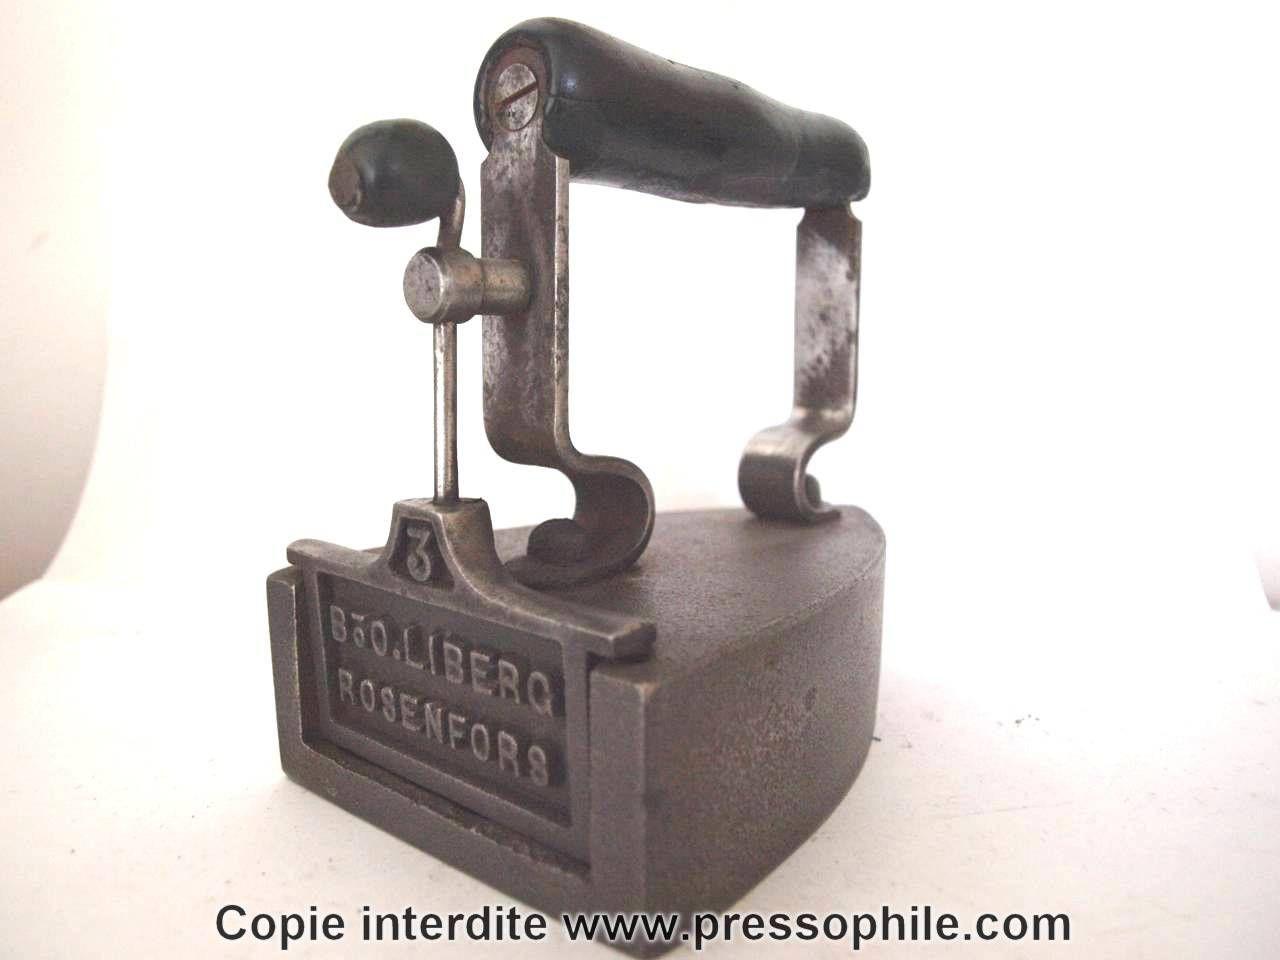 fer repasser lingot b o liberg rosenfors n 3 su de fin 19 me antique old irons. Black Bedroom Furniture Sets. Home Design Ideas